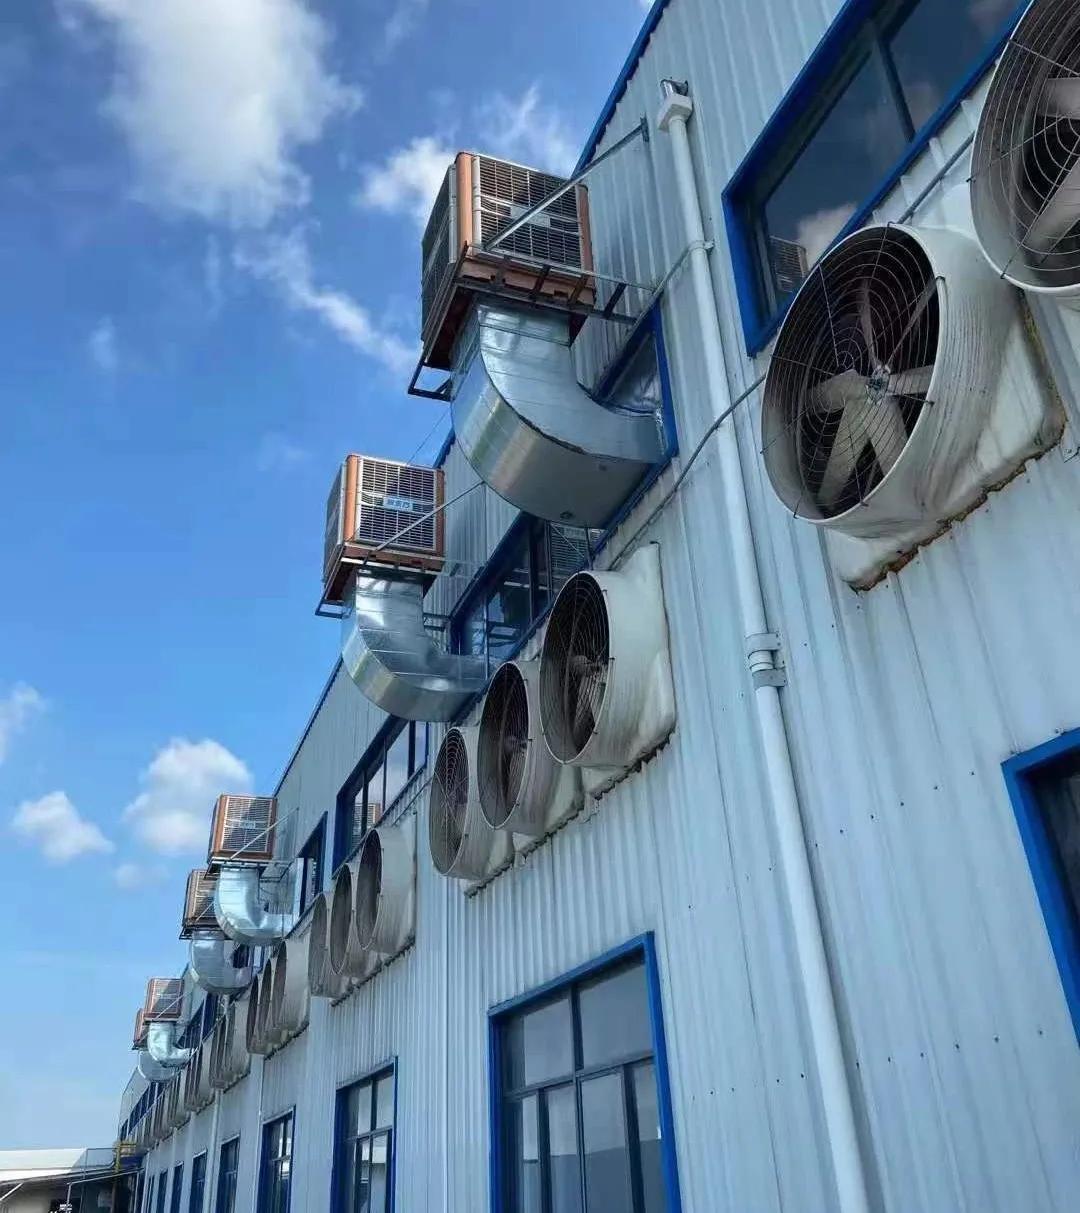 玻璃钢负压风机有什么特点?安装事项有哪些需注意的